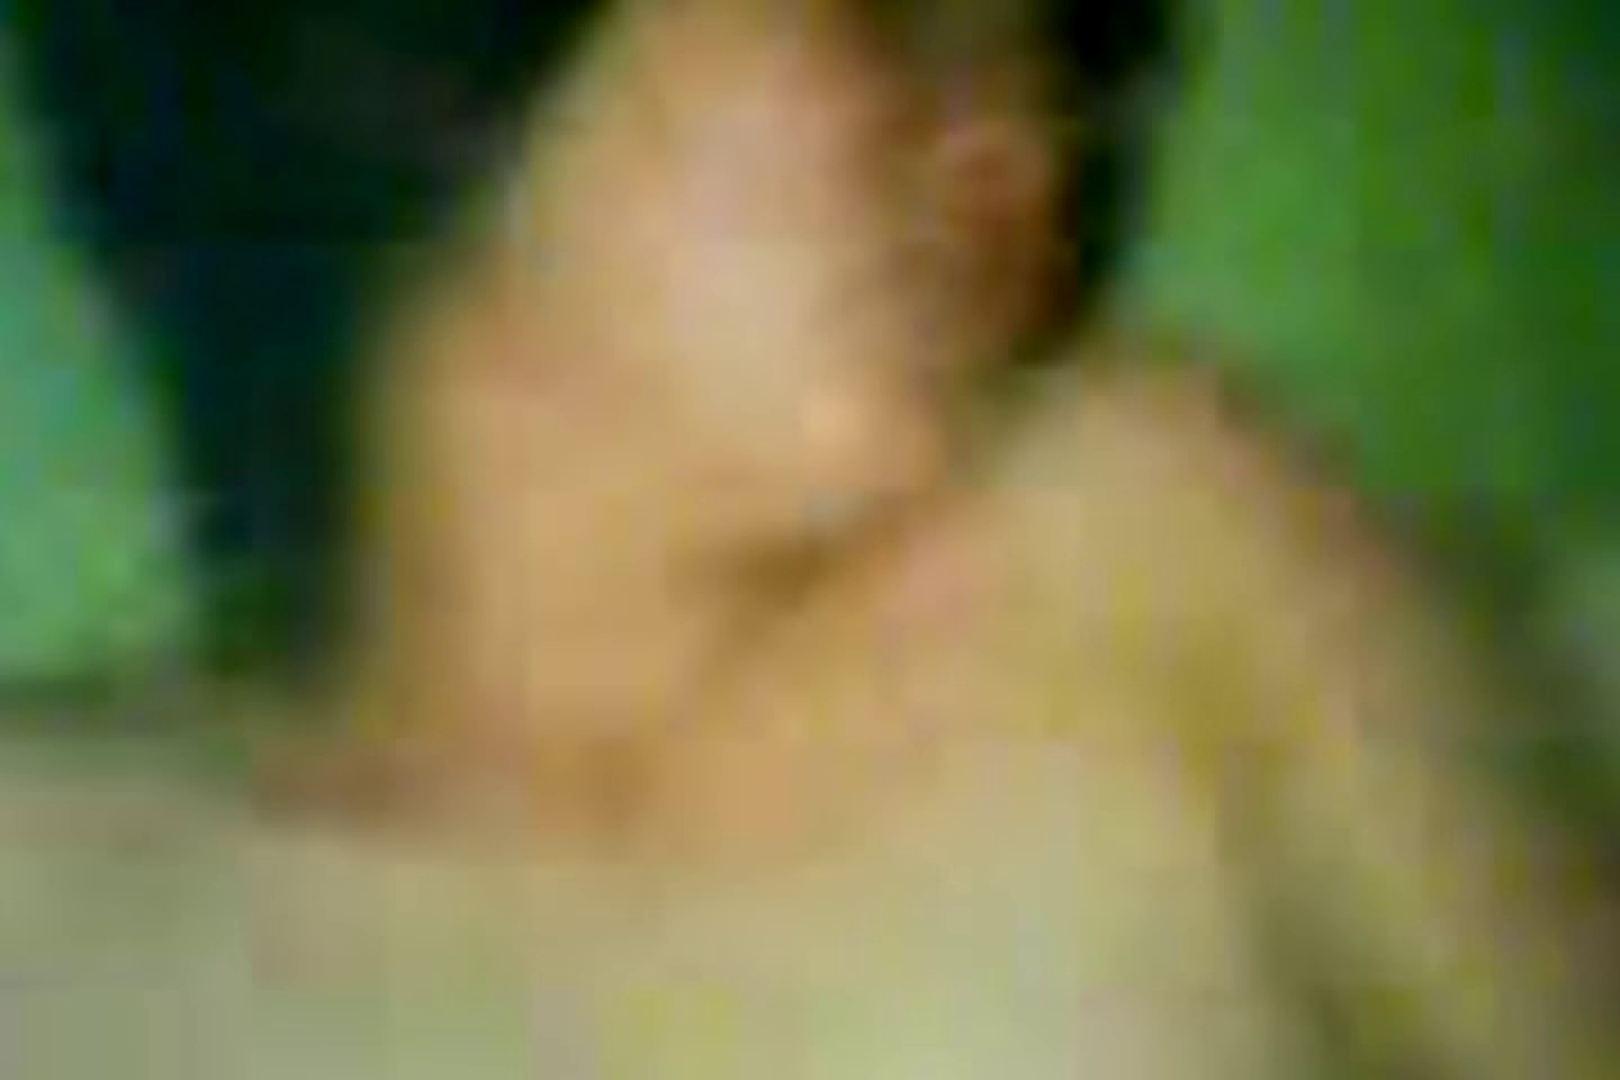 ウイルス流出 串田良祐と小学校教諭のハメ撮りアルバム 学校  85pic 56